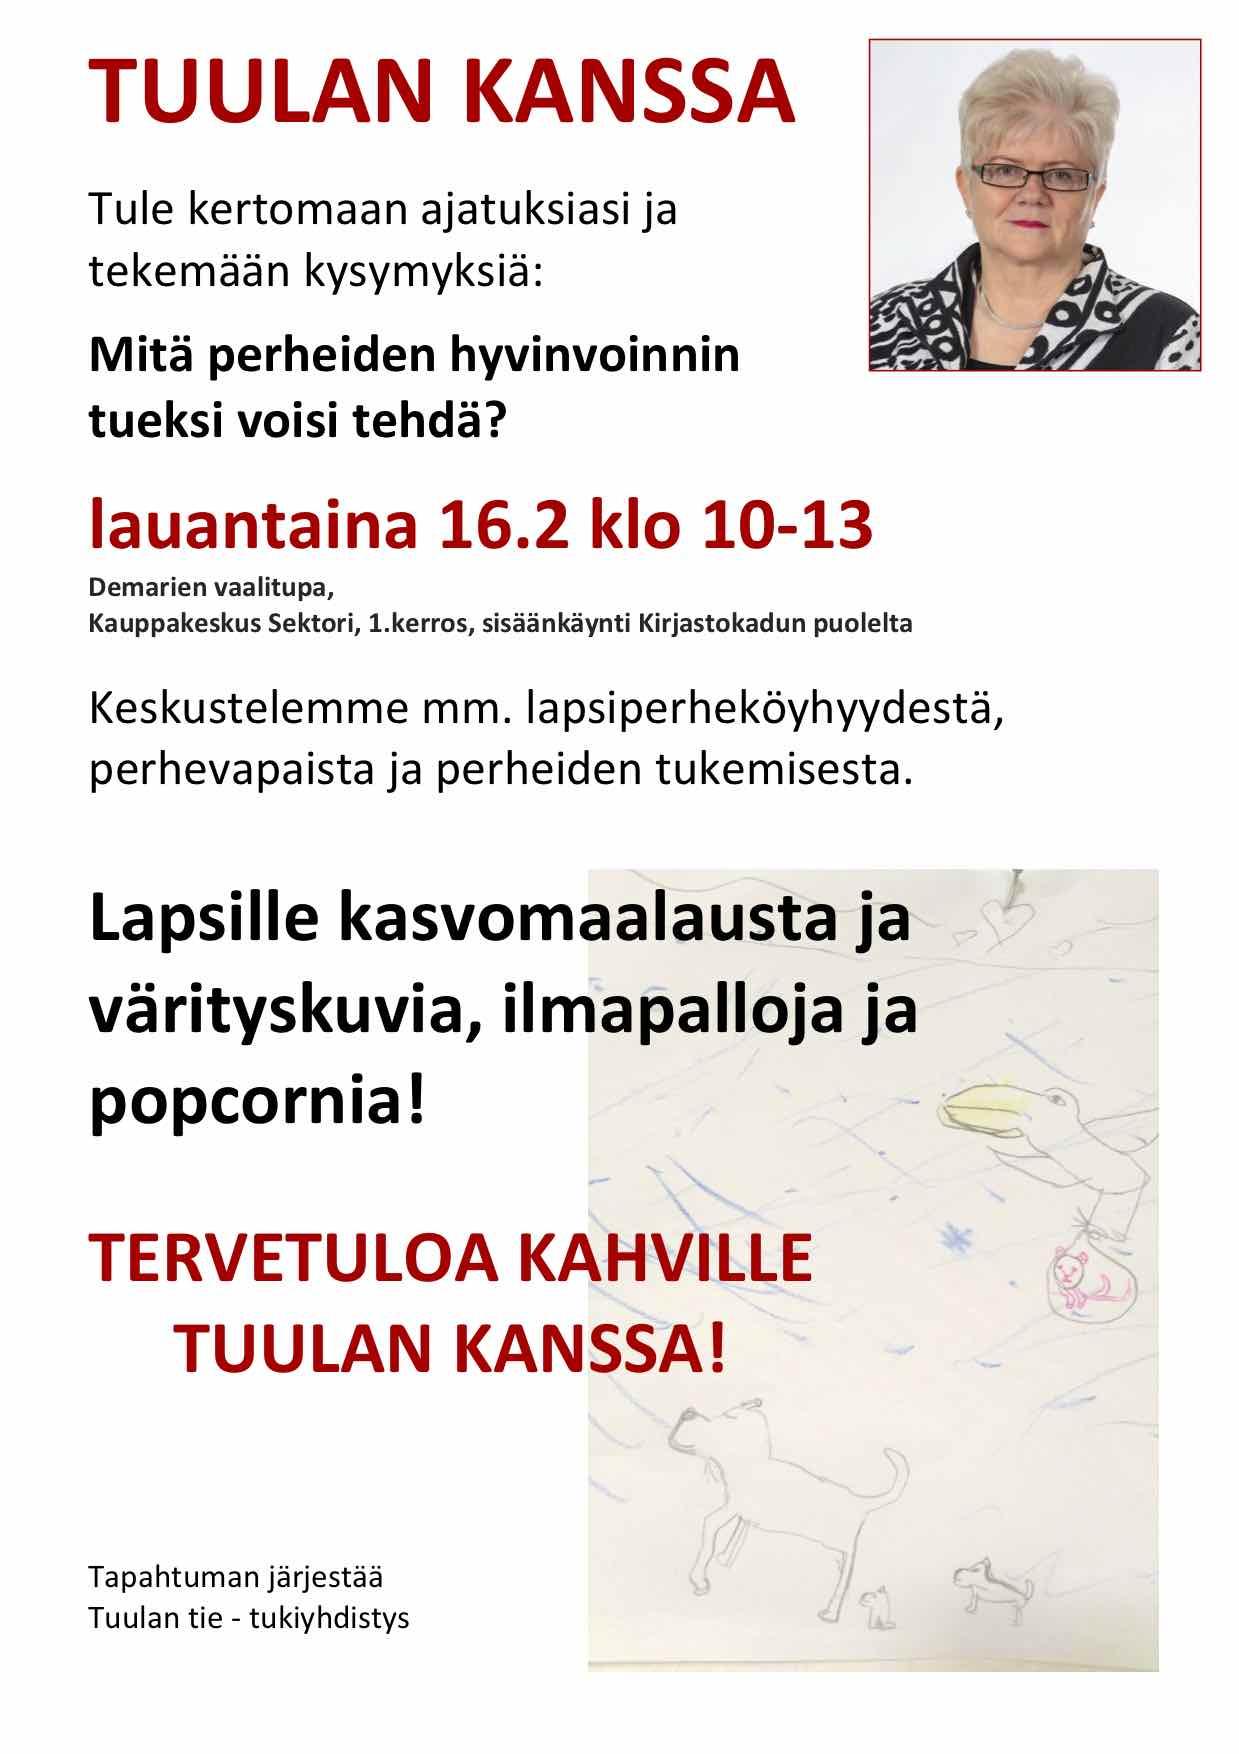 Mitä perheiden hyvinvoinnin tueksi voisi tehdä? - 16.2 klo 10-13 Vaalitupa, Sektori (Käynti kirjastokadun puolelta)Keskustelemassa Eeva Heinonen (sosiaalityöntekijä, eläkkeellä), Johanna Marttinen (perheenäiti, koordinaattori) ja Marko Rytkönen (perheenisä, kaukolämpöasentaja/opiskelija)